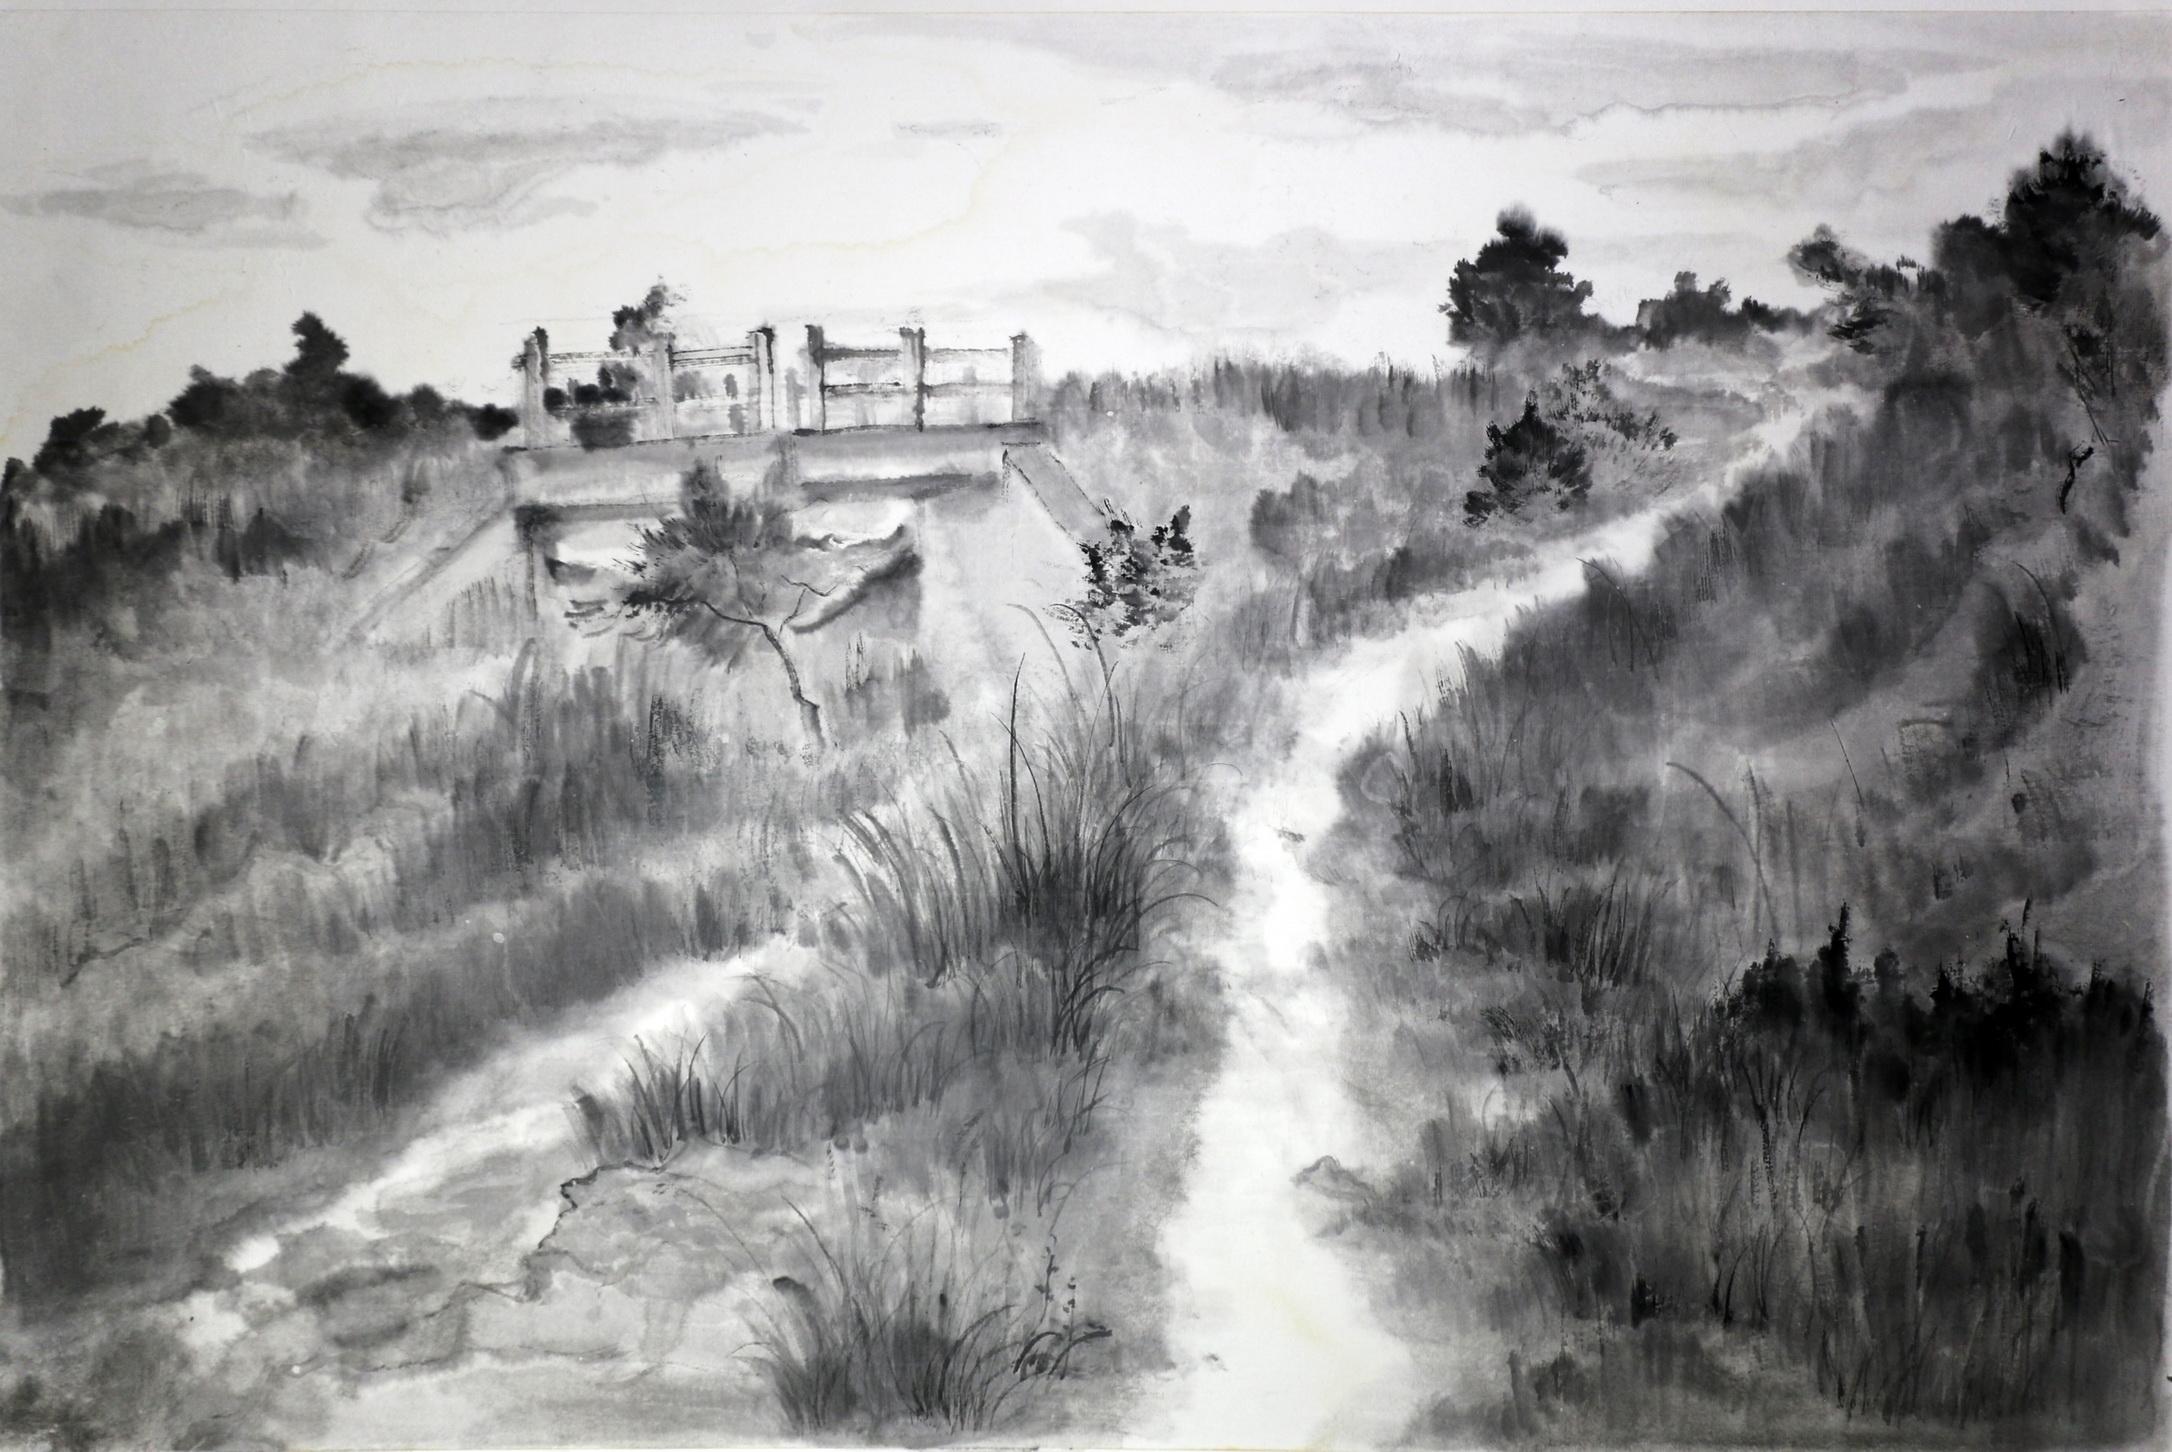 《寻根长城之镇远关遗址》 艺术类别: 纸本水墨 艺术主题:  风景